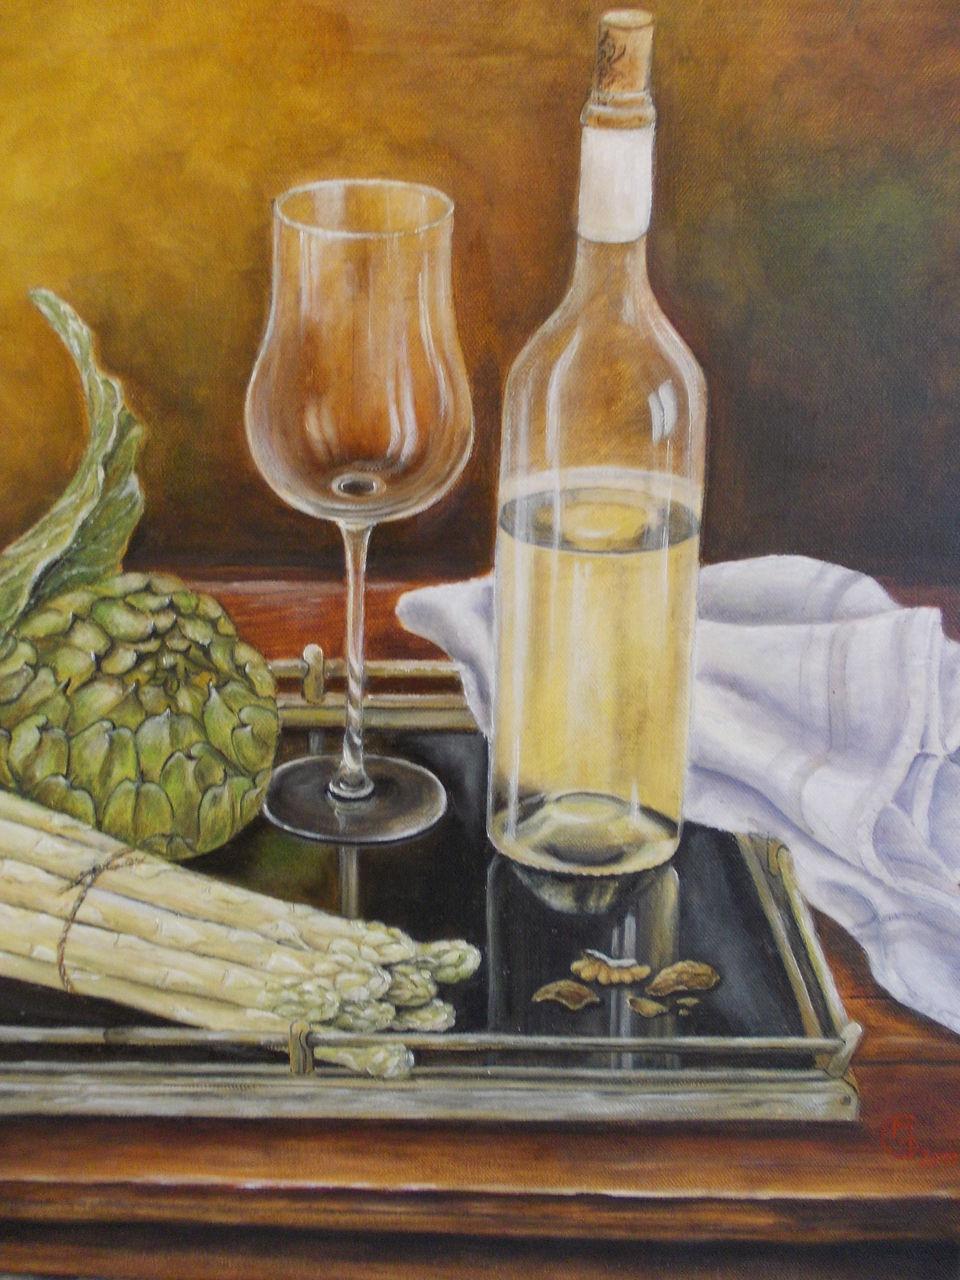 Gemüse Malerei Stillleben - 66 Bilder und Ideen - malen - auf KunstNet